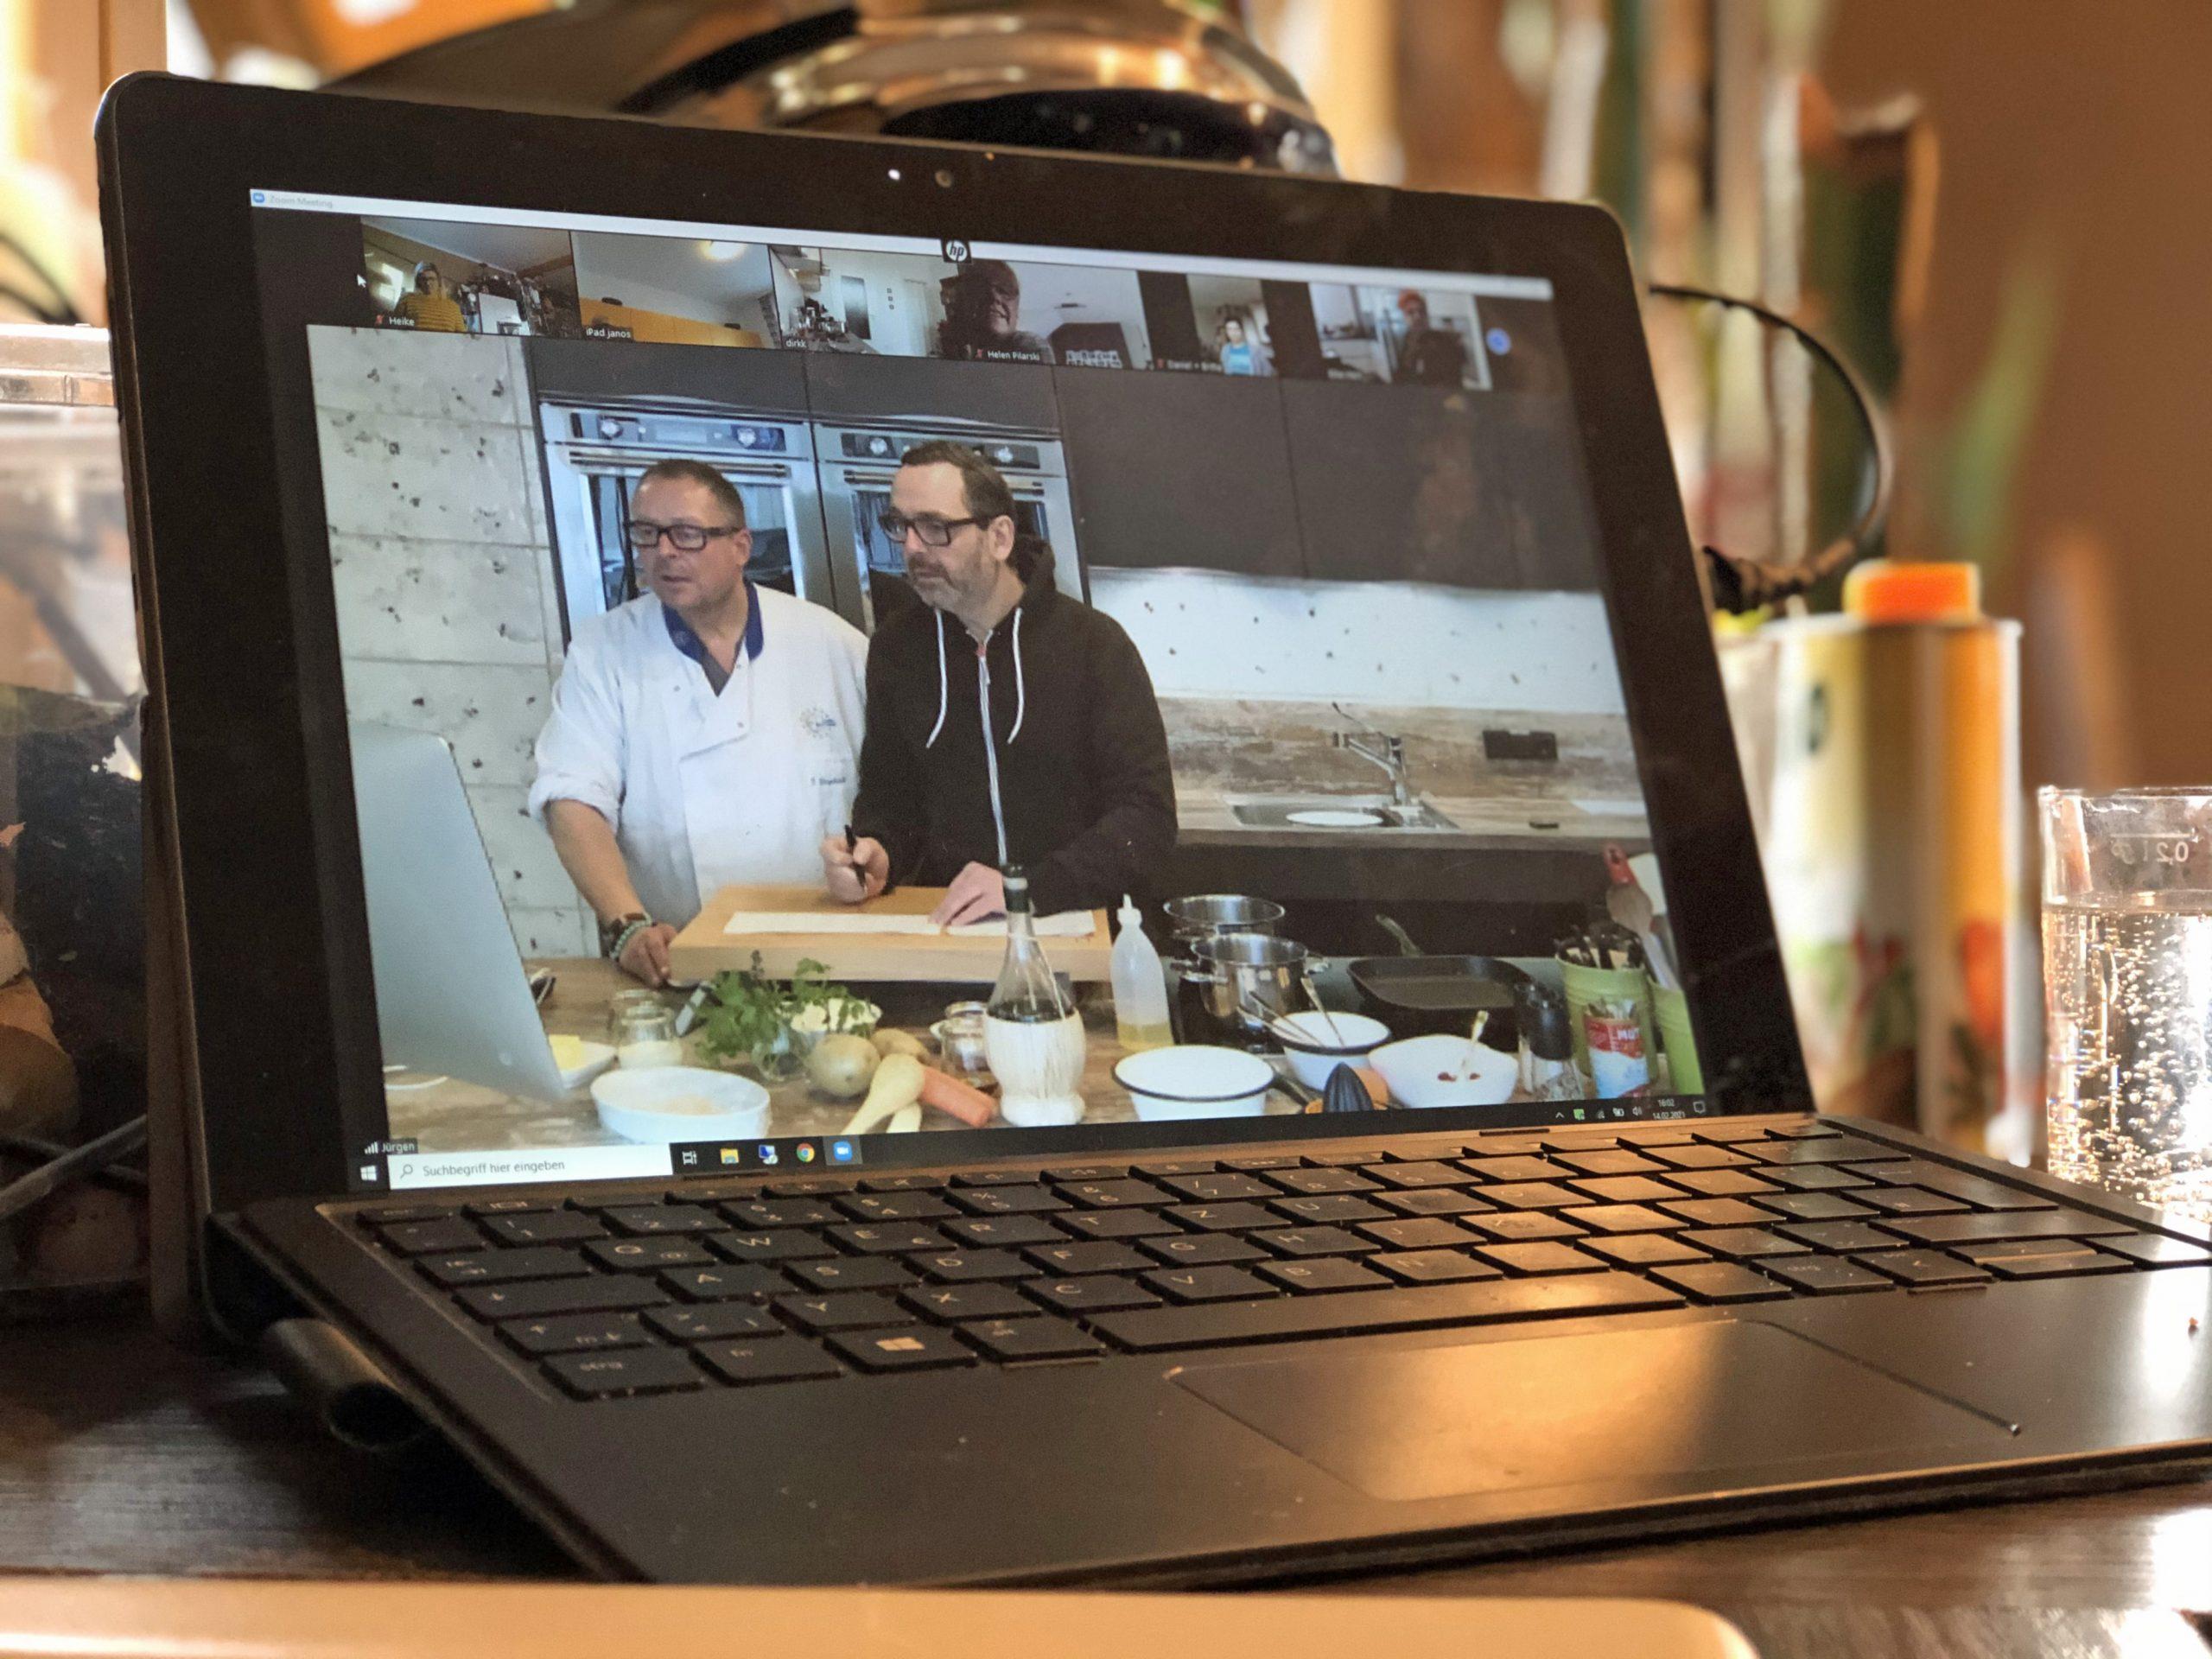 Digitaler Kochkurs mit Kochmomente